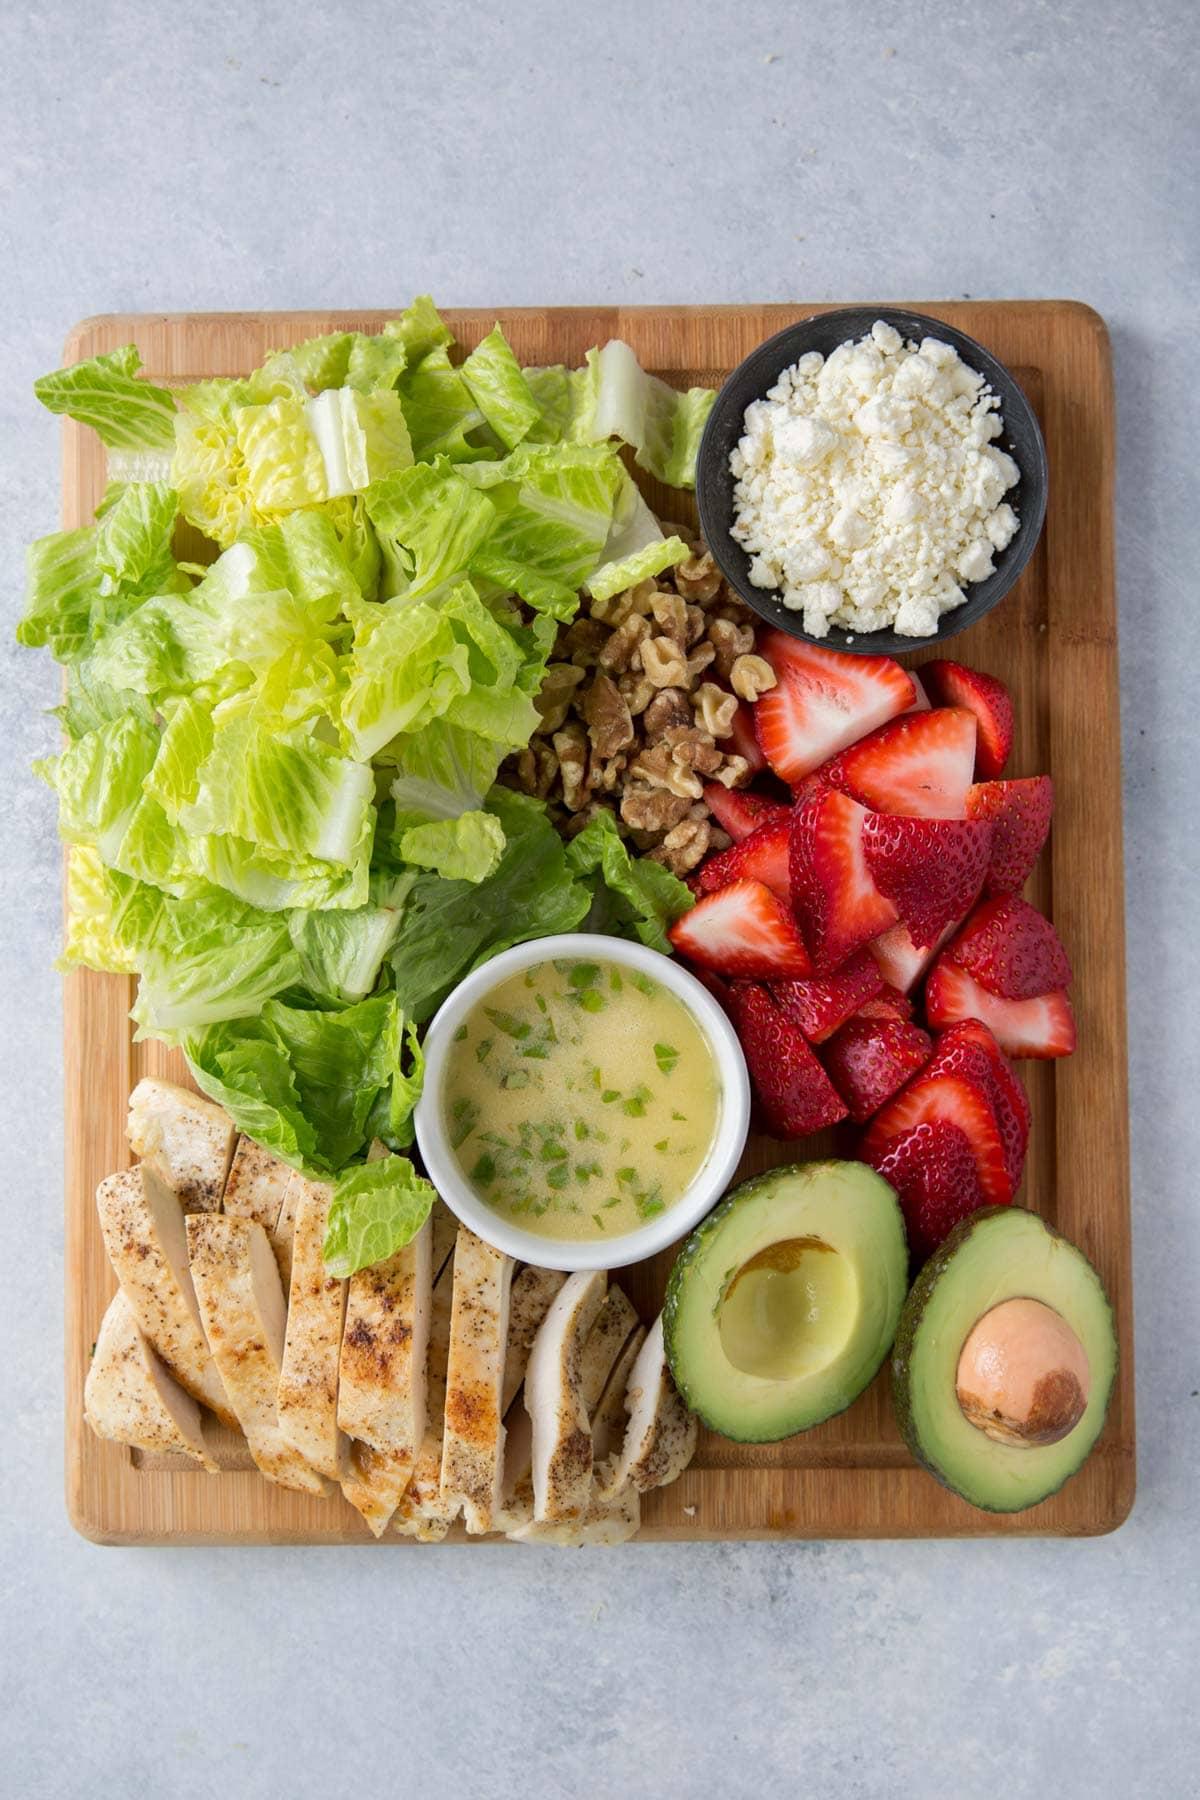 lettuce, feta, avocado, vinaigrette chicken, strawberries, walnut, on a wood cutting board